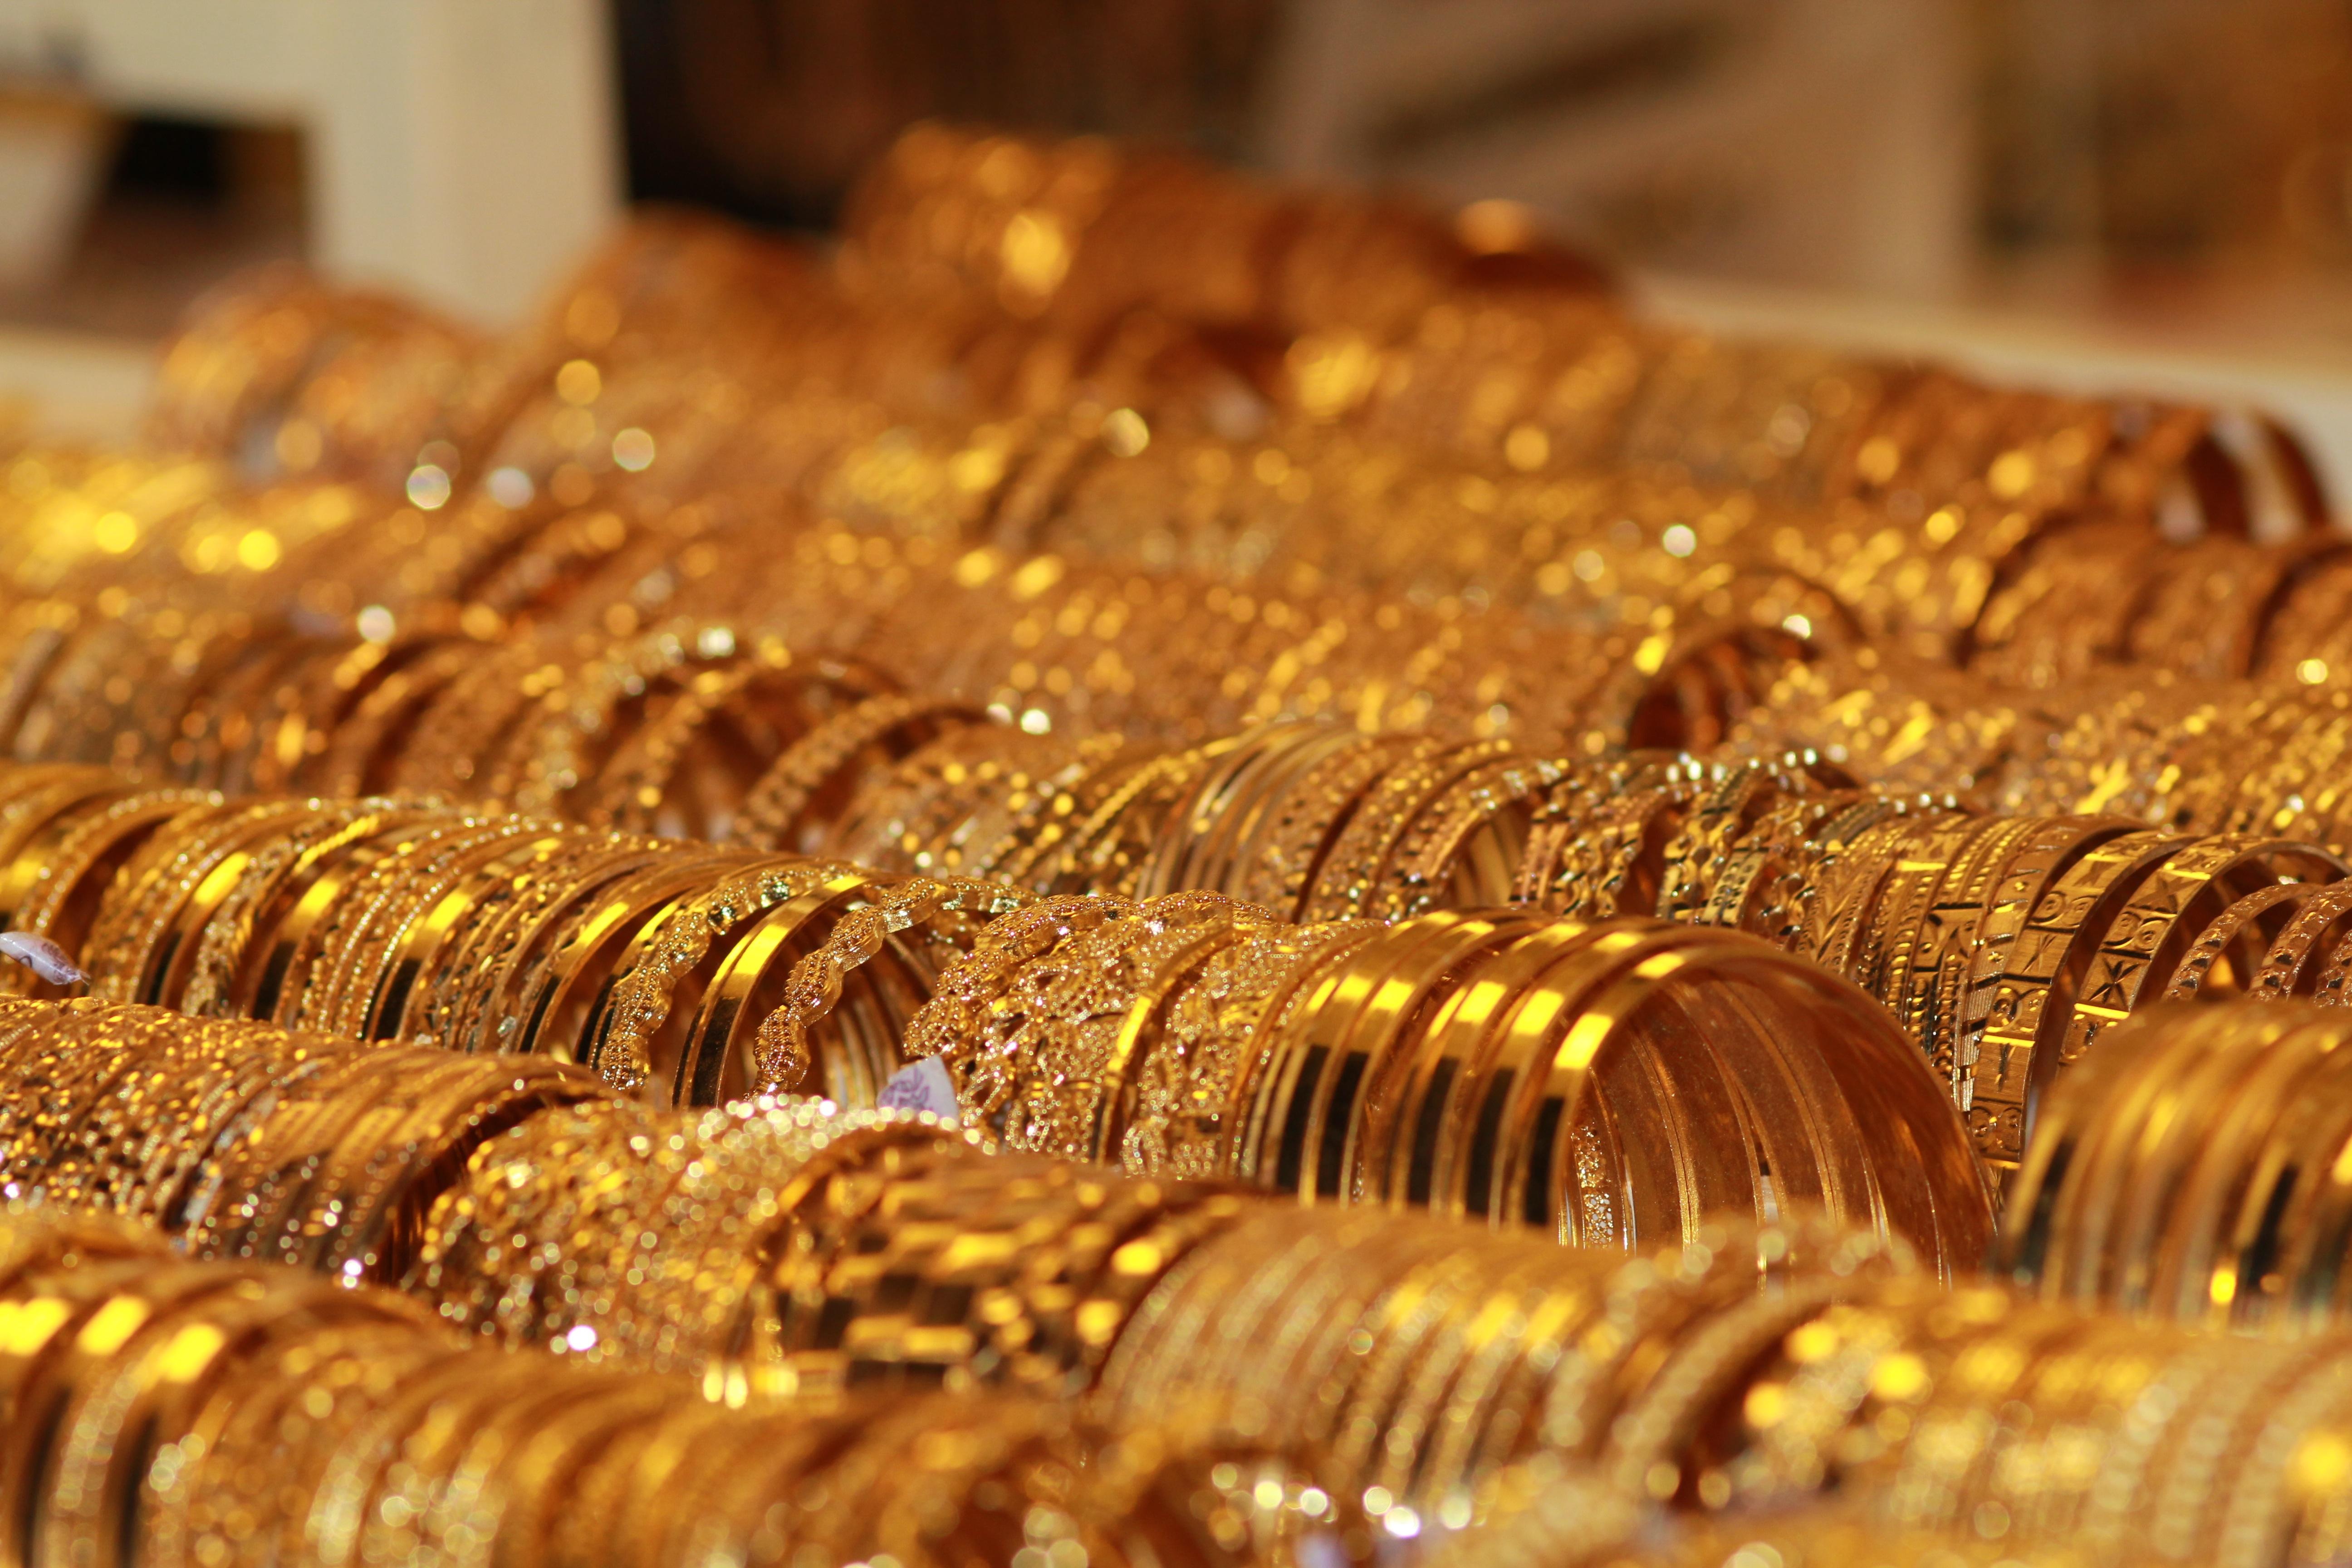 العوامل - ارتفاع اسعار الذهب